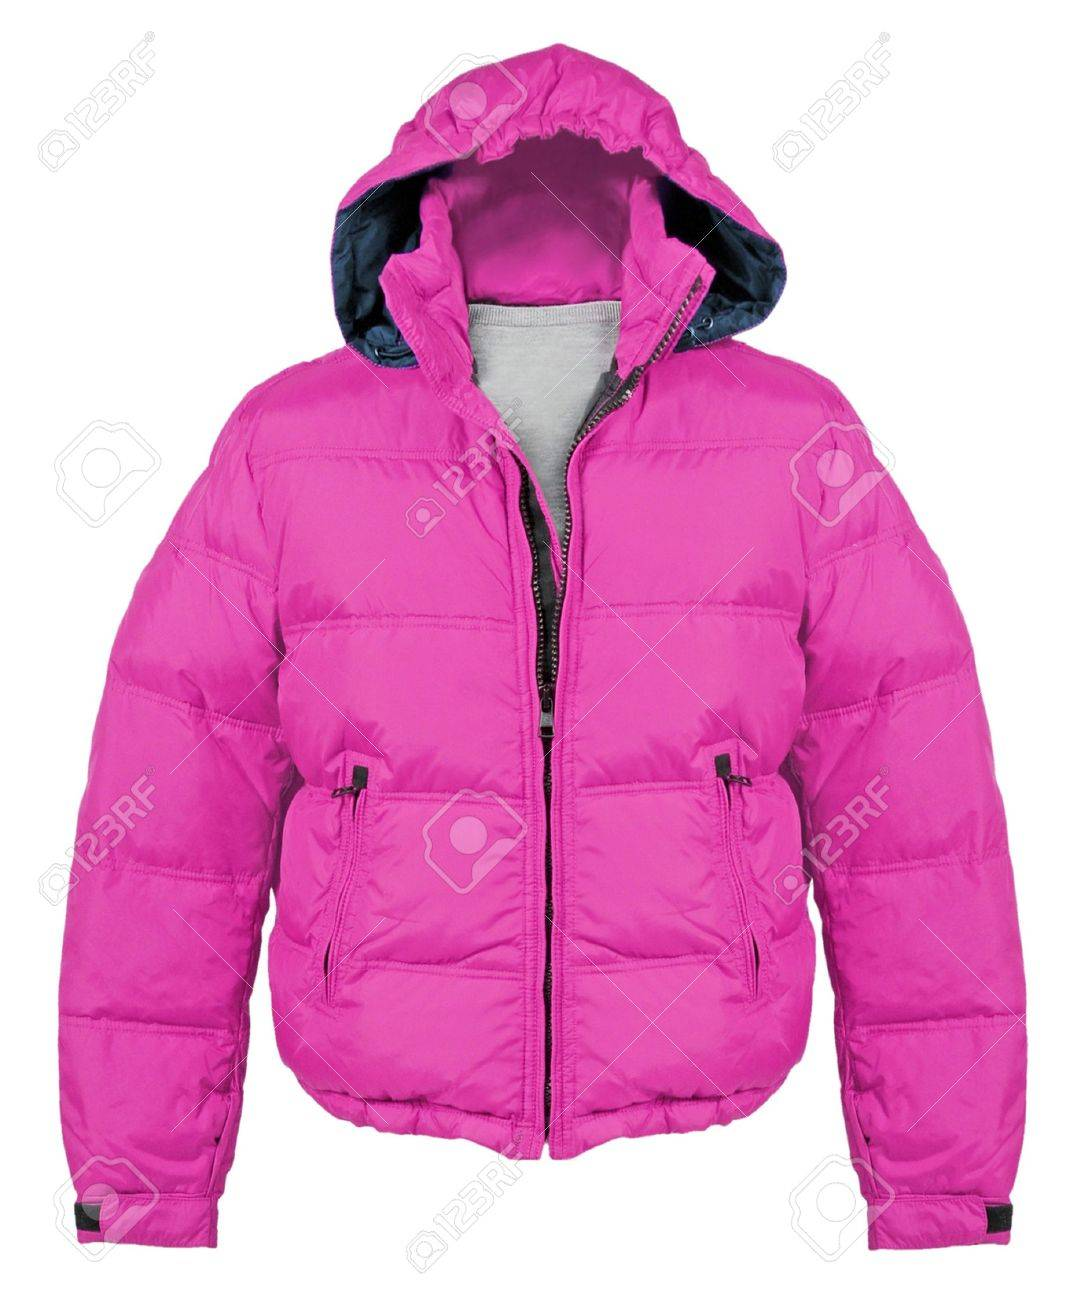 pink jacket - 16698179